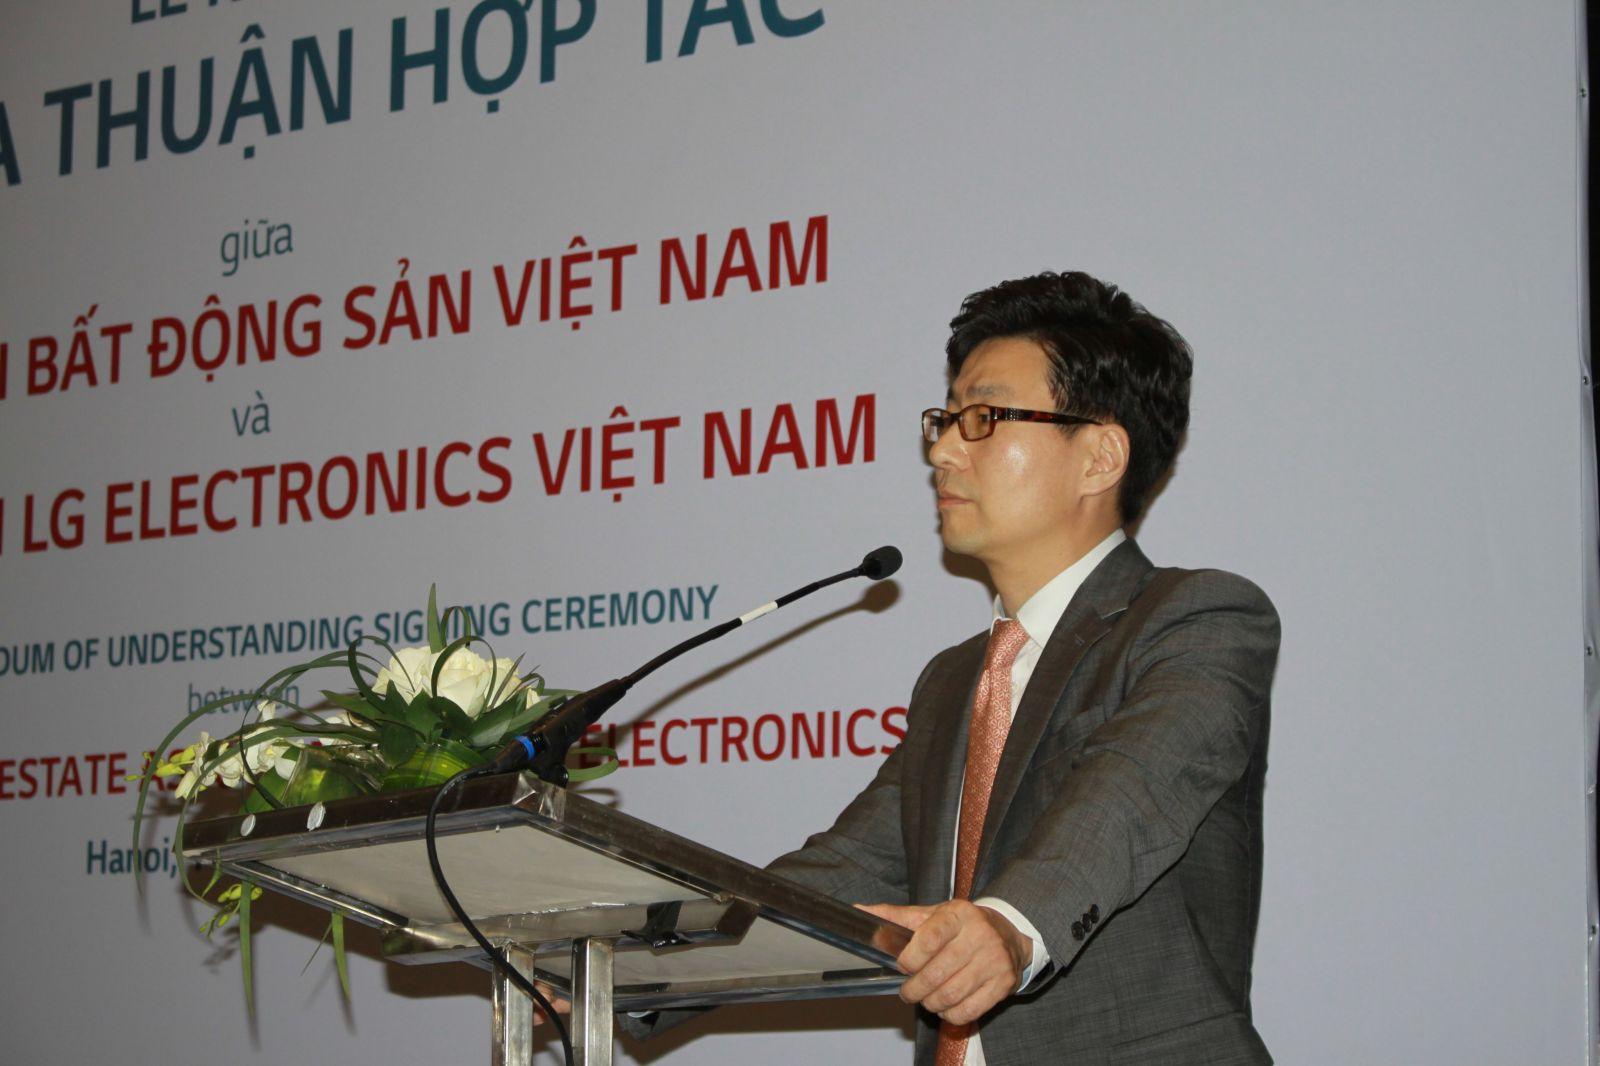 ông Younglak Kim, TGĐ Công ty LG Electronics Việt Nam bày tỏ niềm vinh dự khi hợp tác với VNREA.